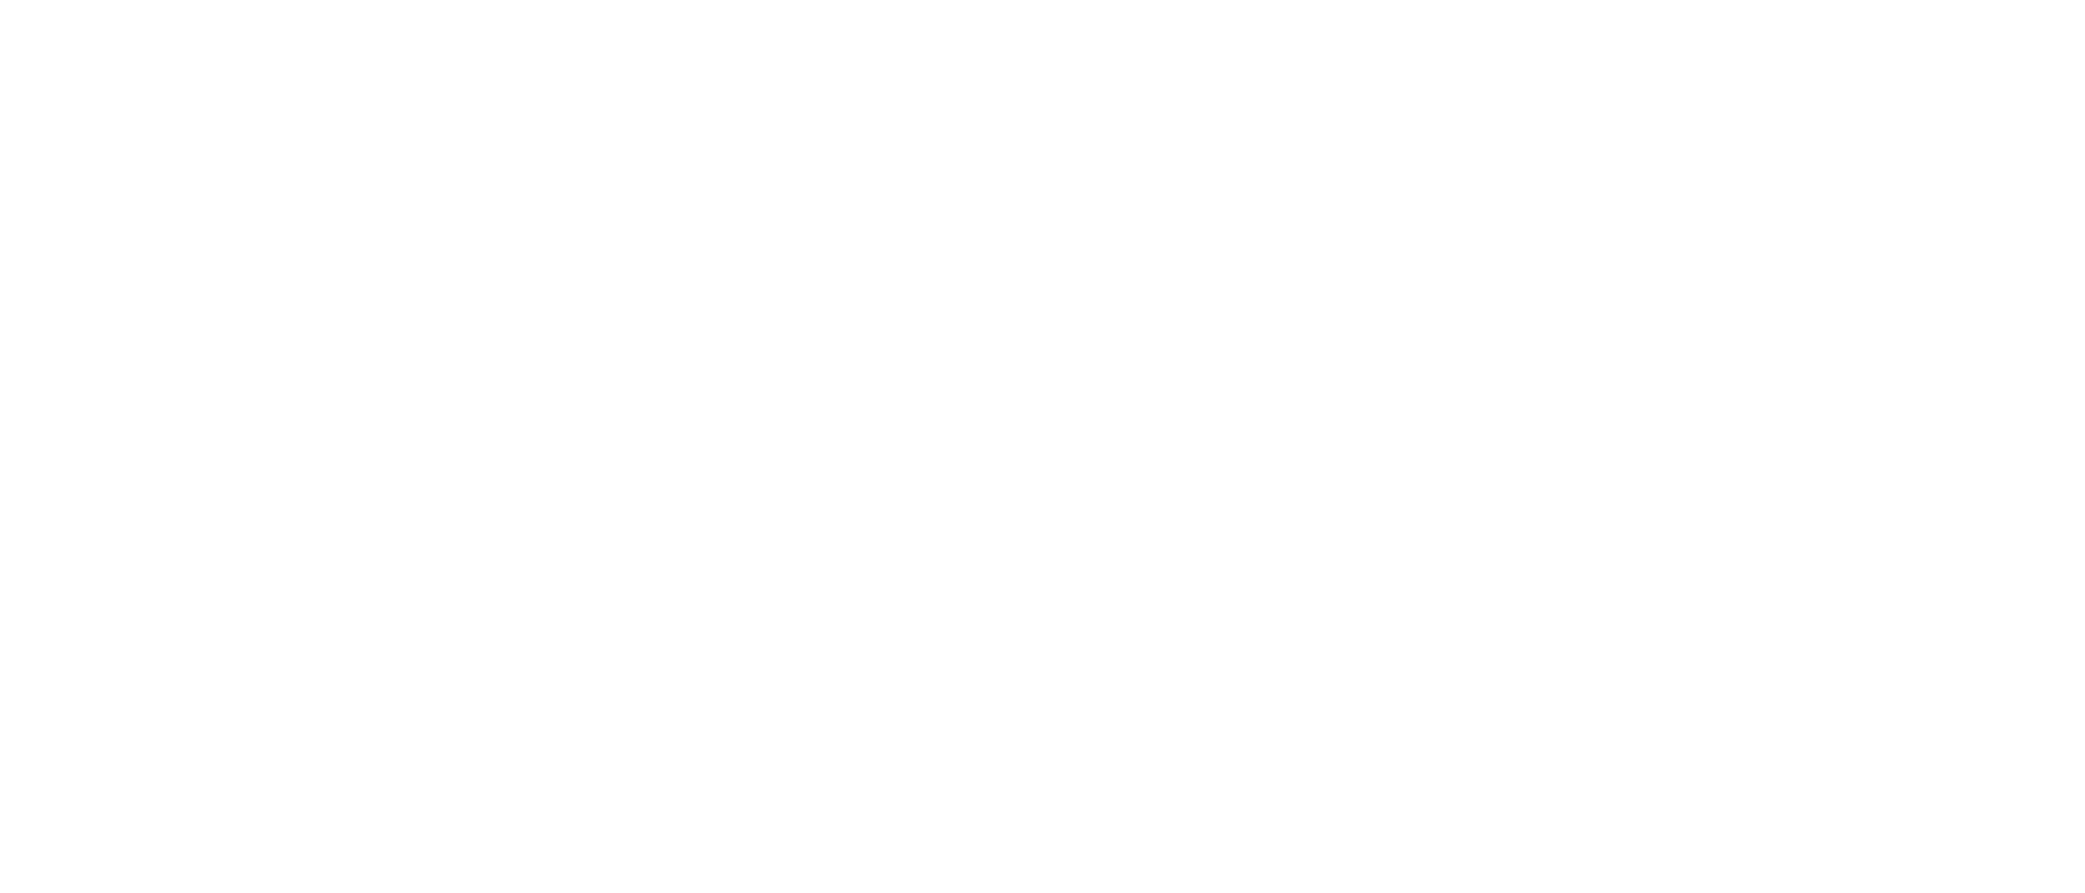 logo-b-19.png